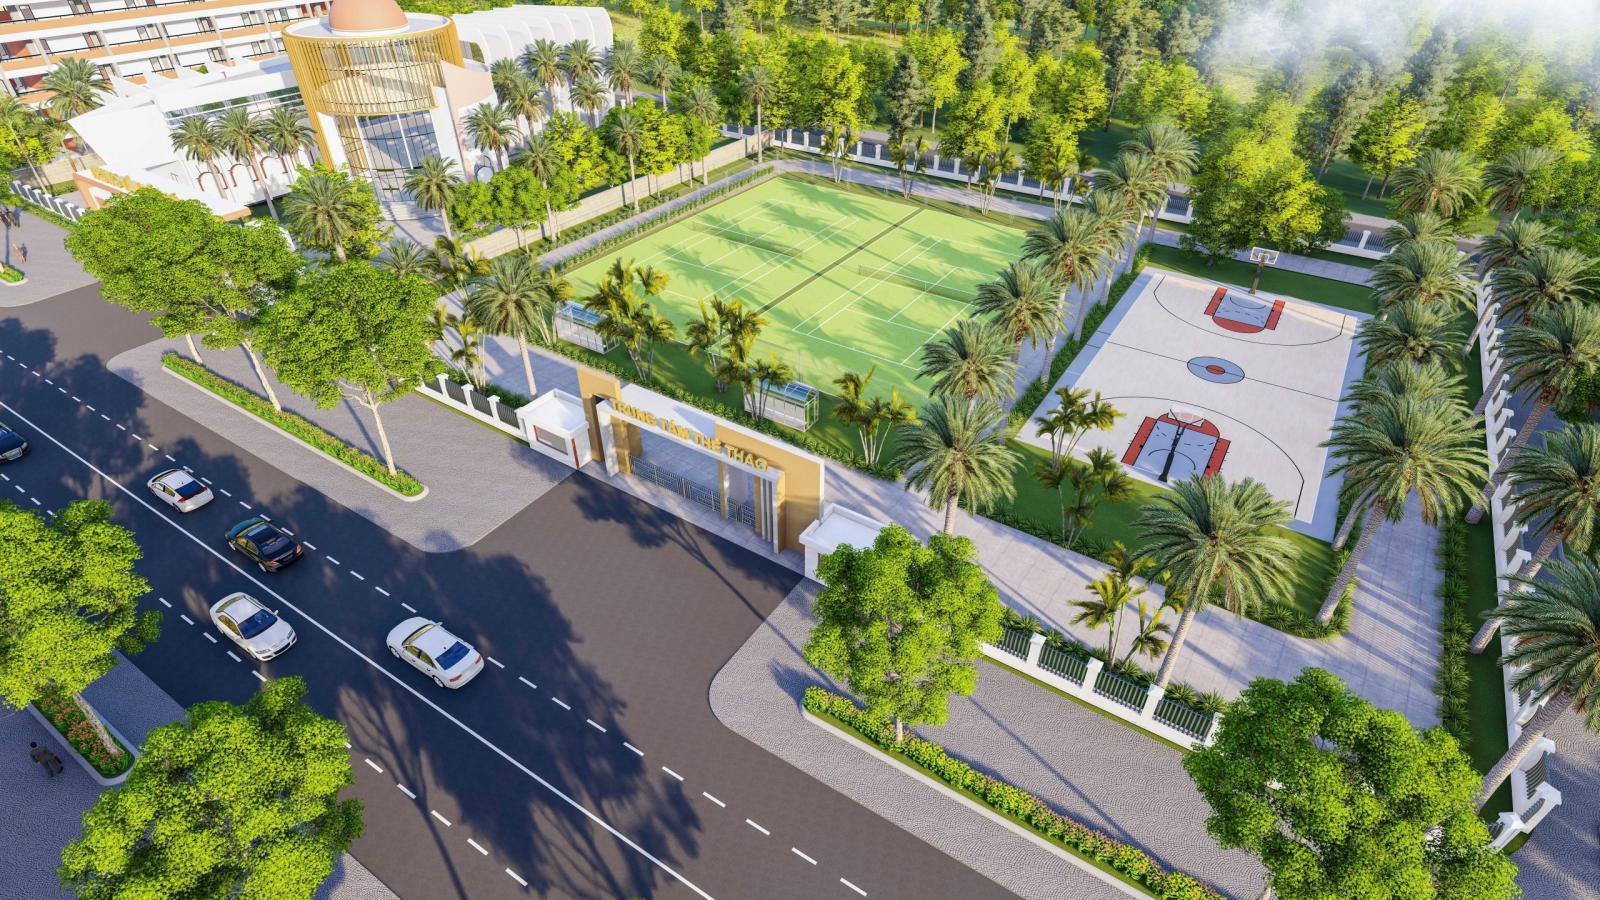 Trung tâm thể thao tại Gia Lai New City